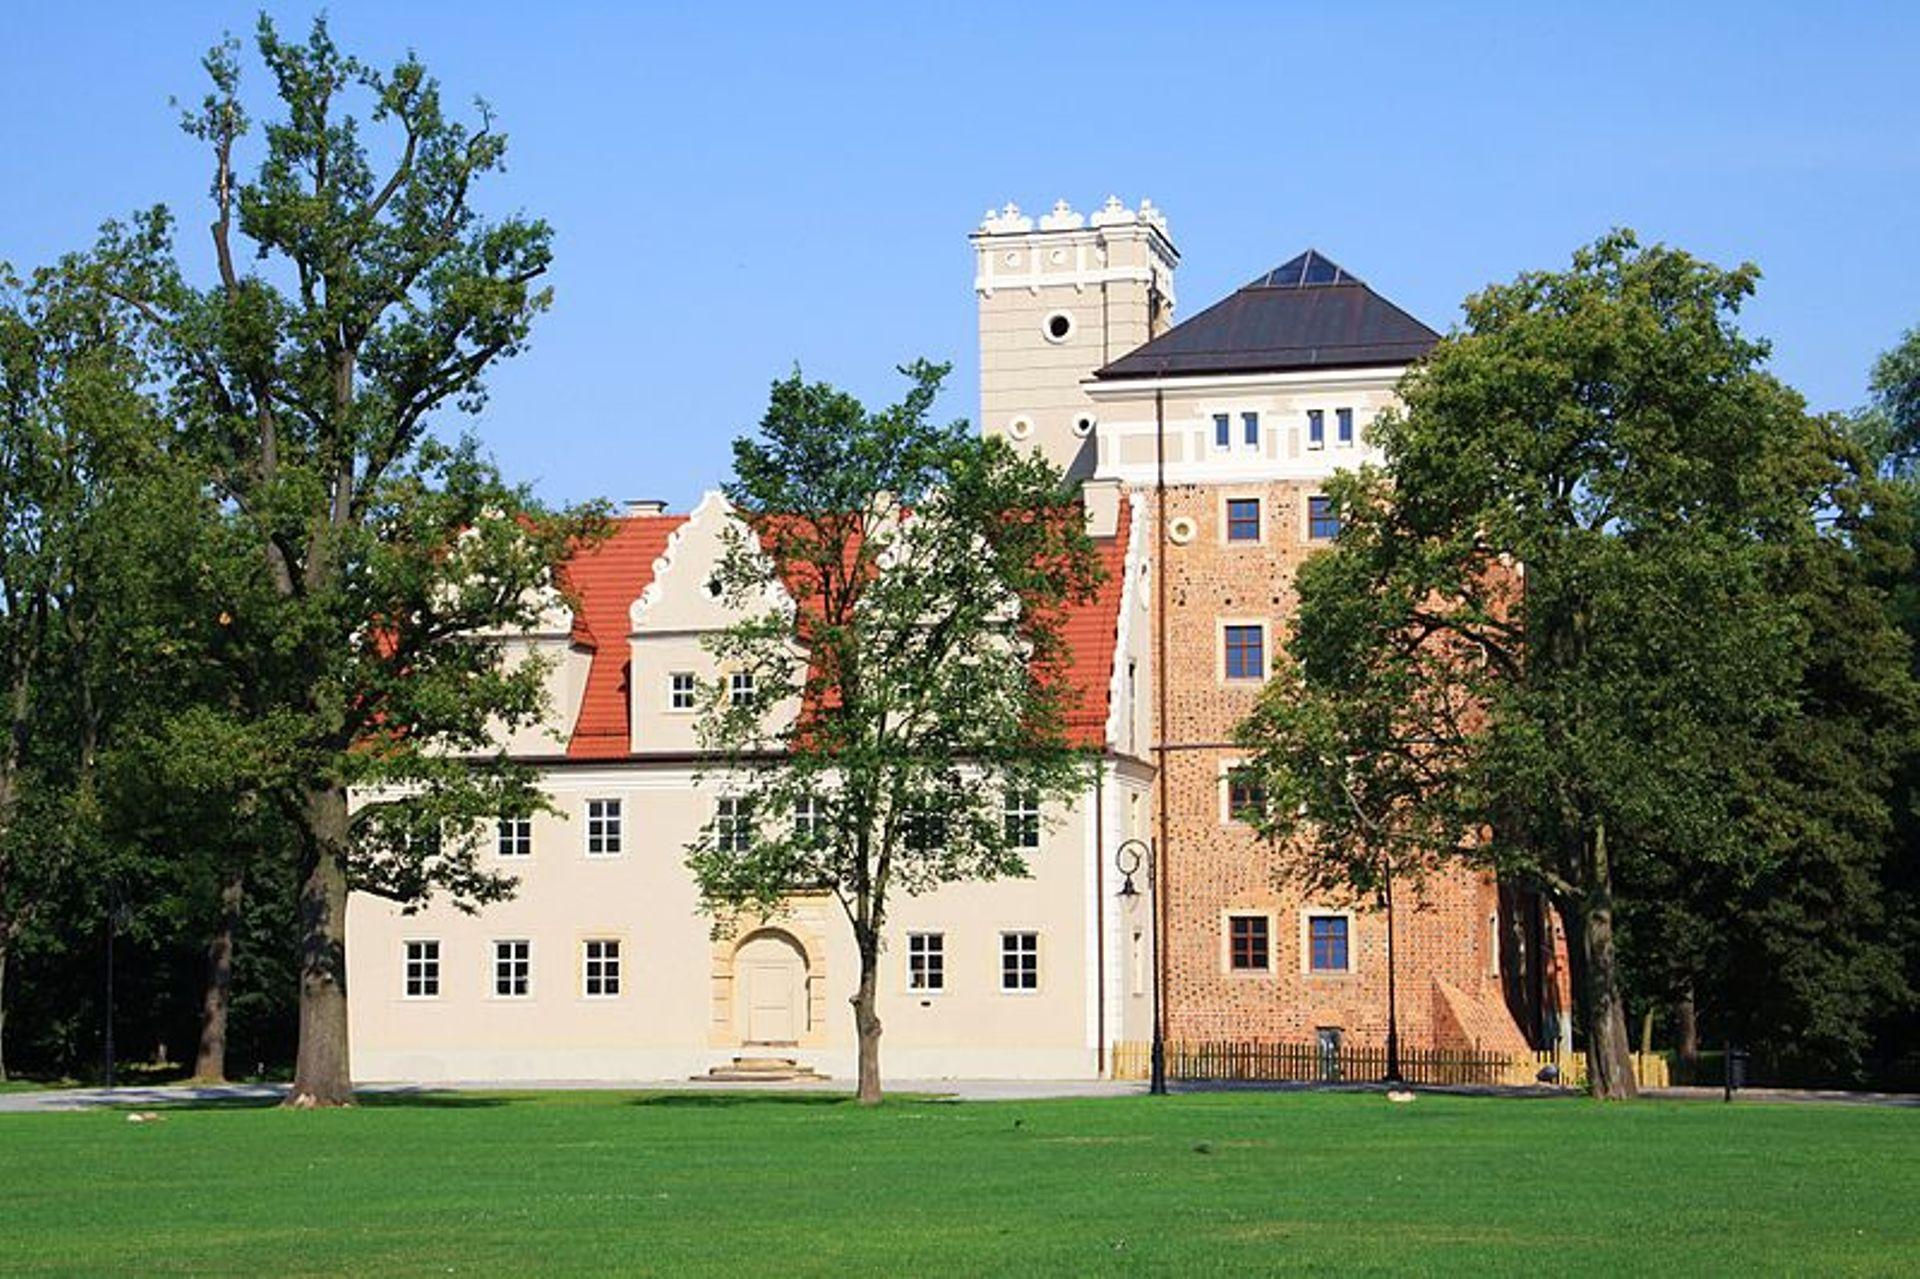 Aglomeracja Wrocławska: Zamek Topacz planuje nowe inwestycje. Hotel na zamku będzie większy